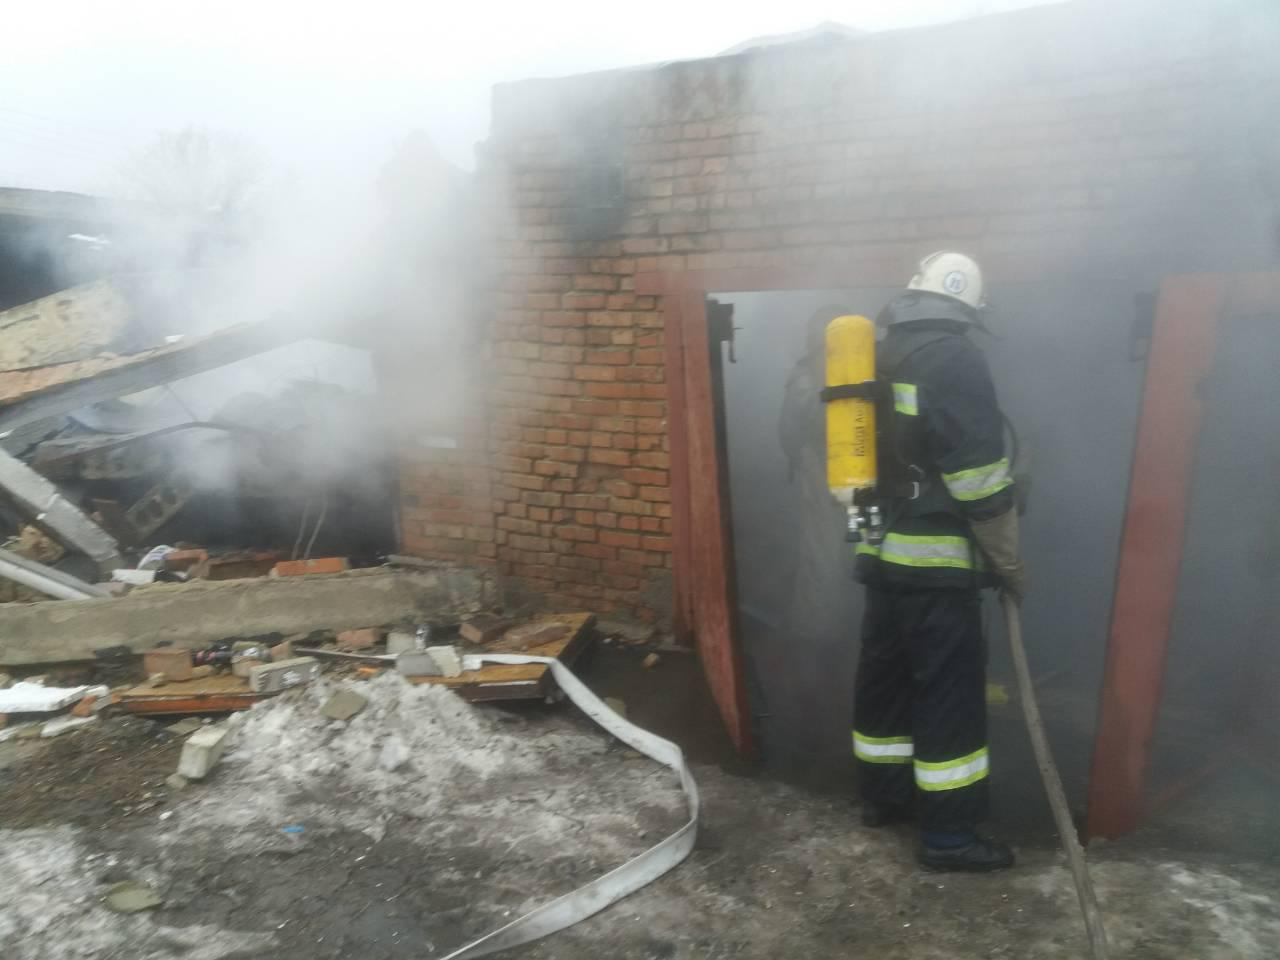 В Олександрії через вибух у гаражі постраждала людина. ФОТО - 2 - Події - Без Купюр